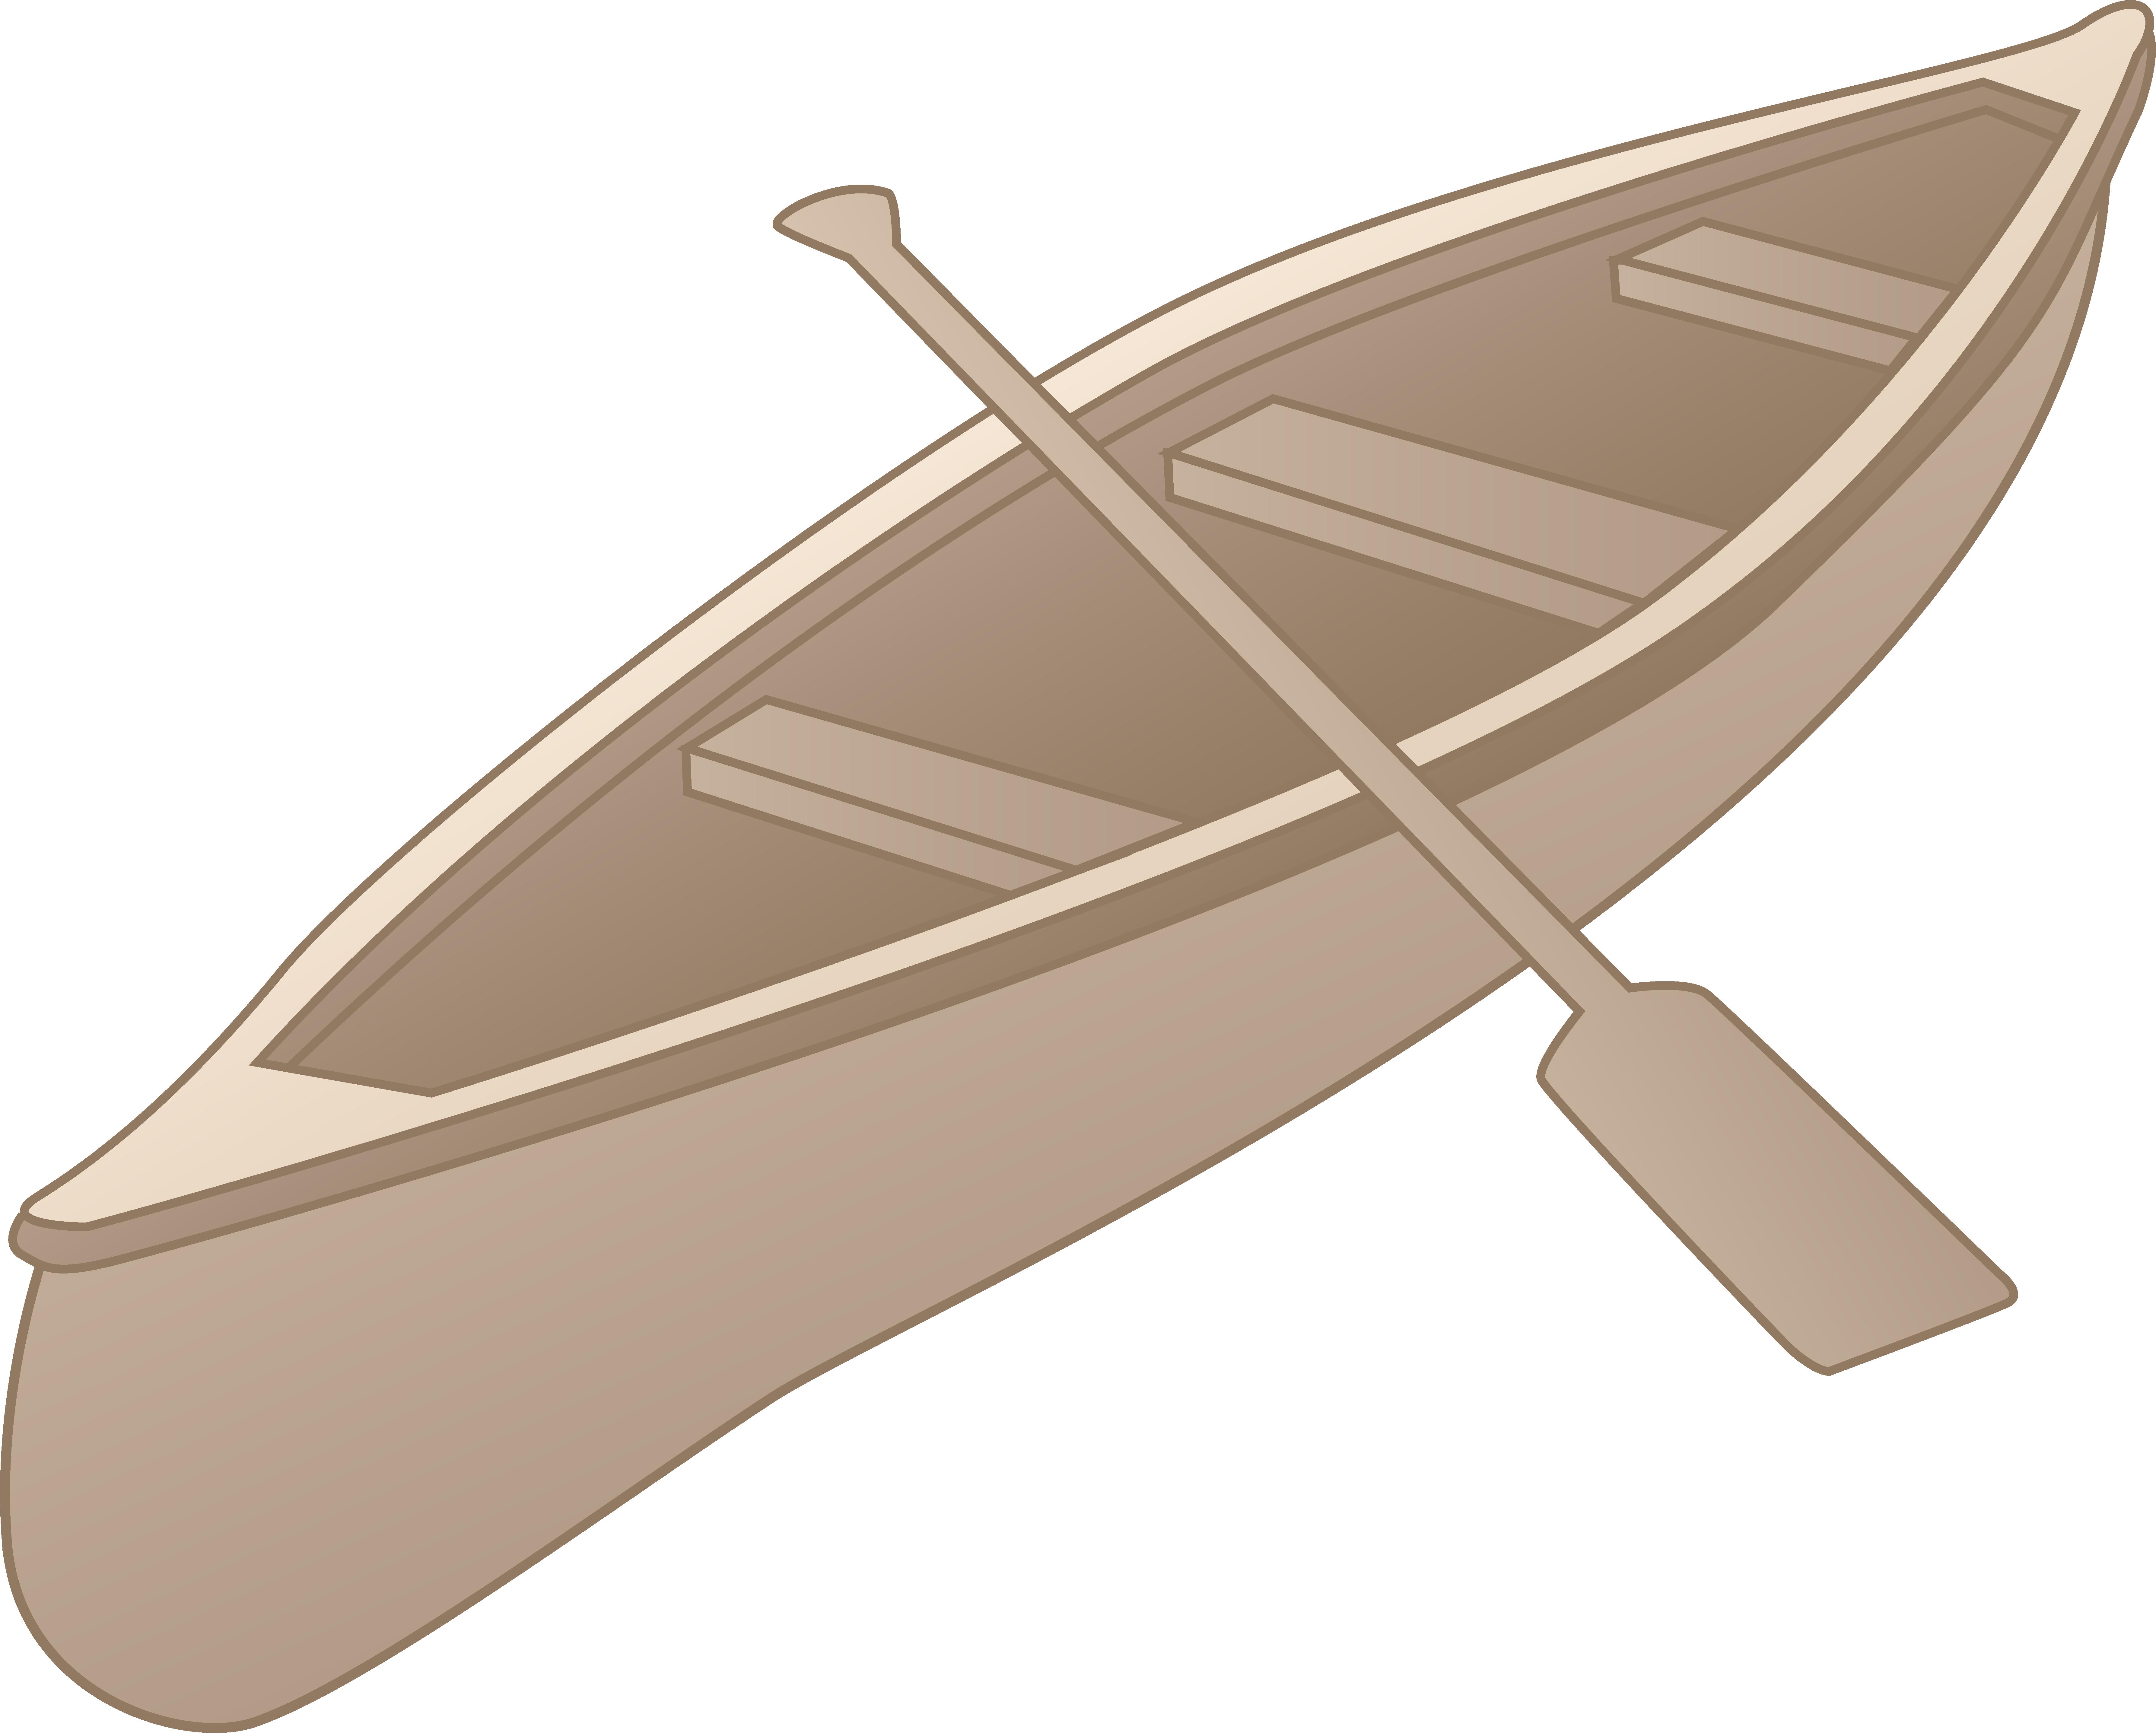 Canoe clipart.